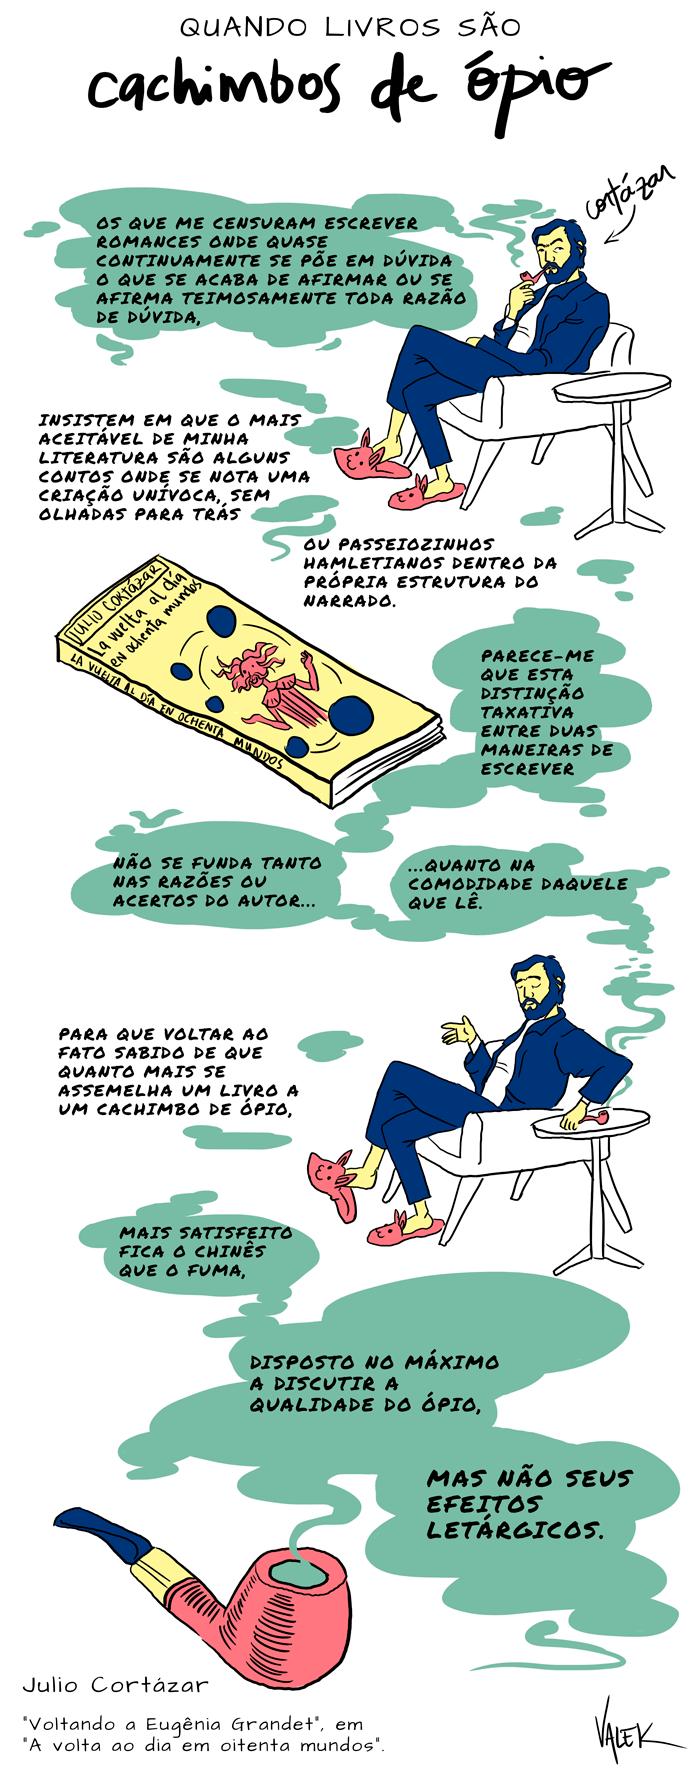 """Quadrinhos ilustrados por mim. Título: """"quando livros são cachimbos de ópio"""". Na primeira cena, o escritor argentino Cortázar está sentado numa poltrona, usando pantufas rosas de coelhinho, fumando um charuto. Envolto na fumaça, está o texto: """"Os que me censuram escrever romances onde quase continuamente se põe em dúvida o que se acaba de afirmar ou se afirma teimosamente toda razão de dúvida, insistem em que o mais aceitável de minha literatura são alguns contos onde se nota uma criação unívoca, sem olhadas para trás ou passeiozinhos hamletianos dentro da própria estrutura do narrado."""" Vê-se seu livro """"La vuelta al día en ochenta mundos"""", ou a versão toscamente desenhado dele, com um homem de bigode e cabelo arrepiado fazendo malabarismo com mundos. Ao lado do livro, o texto continua: """"Parece-me que esta distinção taxativa entre duas maneiras de escrever não se funda tanto nas razões ou acertos do autor quanto na comodidade daquele que lê."""" Volta para Cortázar na poltrona, agora repousando o charuto na mesa ao lado: Para que voltar ao fato sabido de que quanto mais se assemelha um livro a um cachimbo de ópio, mais satisfeito fica o chinês que o fuma, disposto no máximo a discutir a qualidade do ópio, mas não seus efeitos letárgicos."""" O trecho final do texto está envolto na fumaça verde que sai do cachimbo, visto em close no fim da HQ. – Julio Cortázar. """"Voltando a Eugênia Grandet"""", em """"A volta ao dia em oitenta mundos""""."""